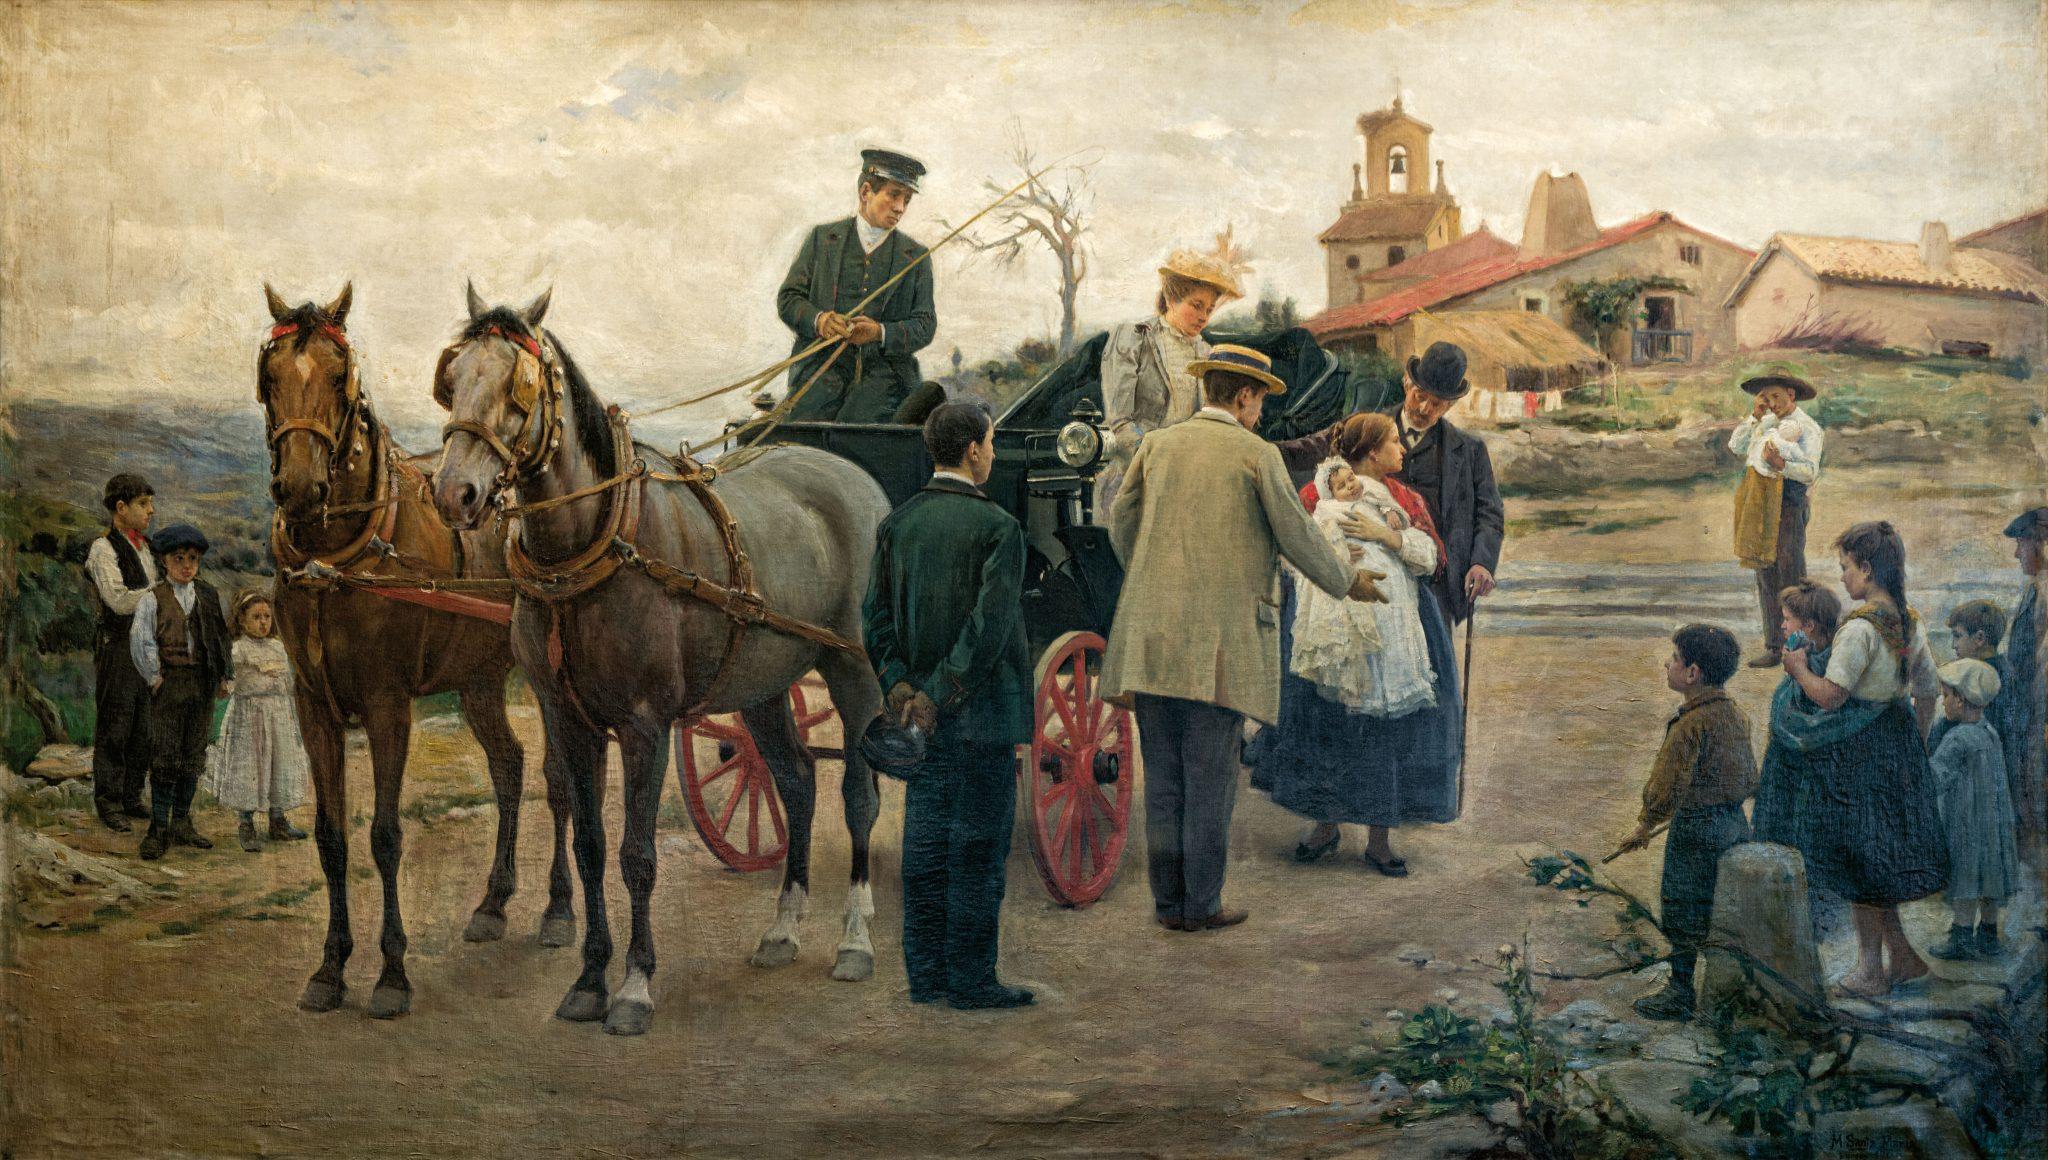 6-El-precio-de-una-madre-a-mejorar-la-raza-Marceliano-Santa-Maria-Sedano-Ayuntamiento-de-Burgos-2048x1160